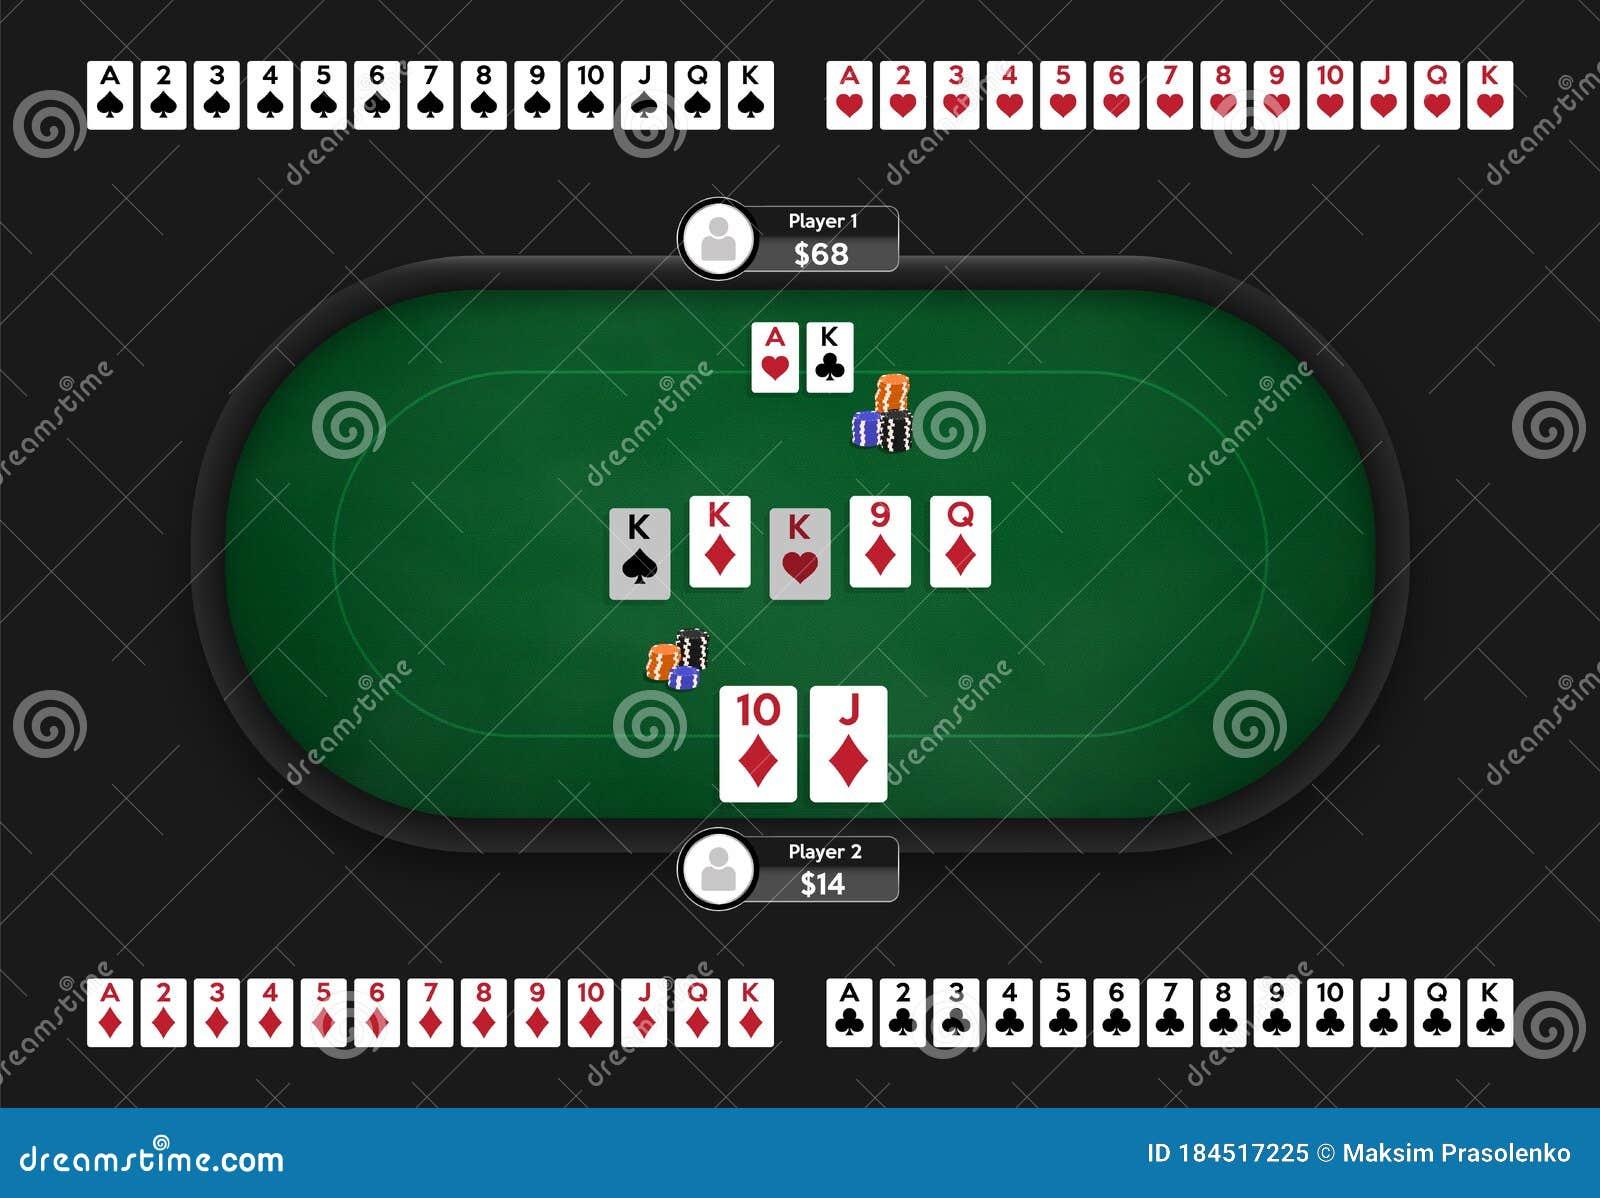 Игры онлайн покер карты скочать бесплатно игровые автоматы без смс